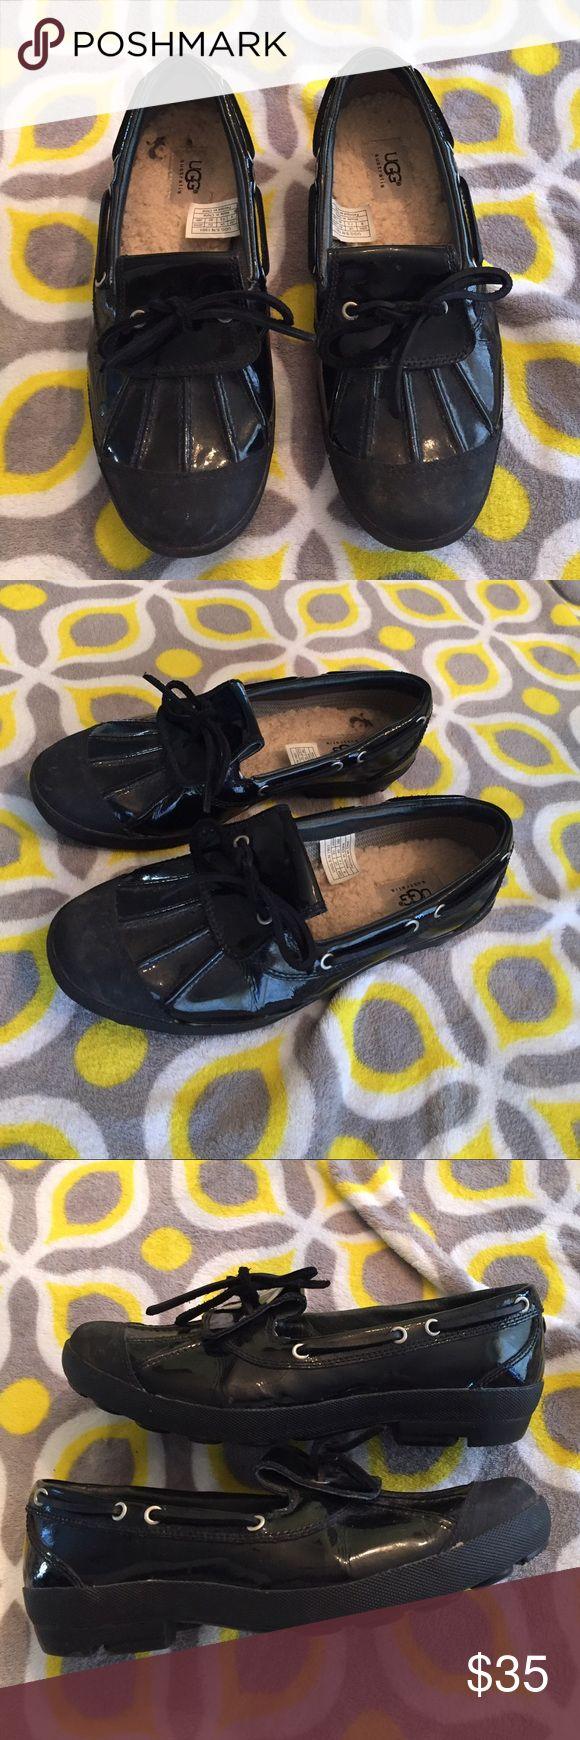 a5c989f9828 Ugg Ashdale Duck Shoe Black | Mindwise